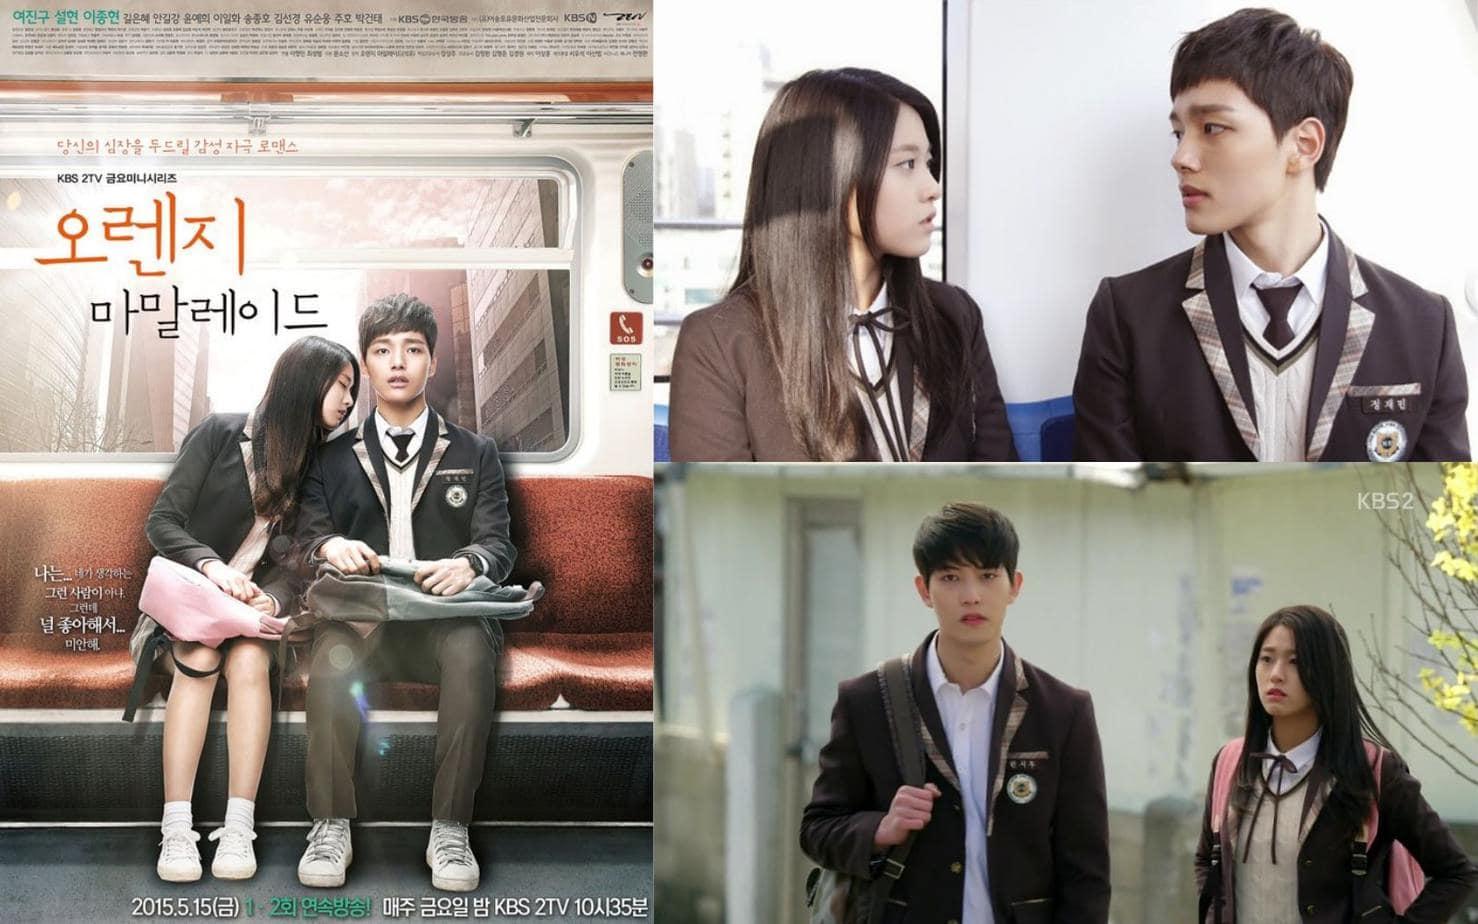 10 ซีรี่ย์เด็ดของยอจินกู พระเอกดาวรุ่งที่ใครต่างก็ตกหลุมรัก!